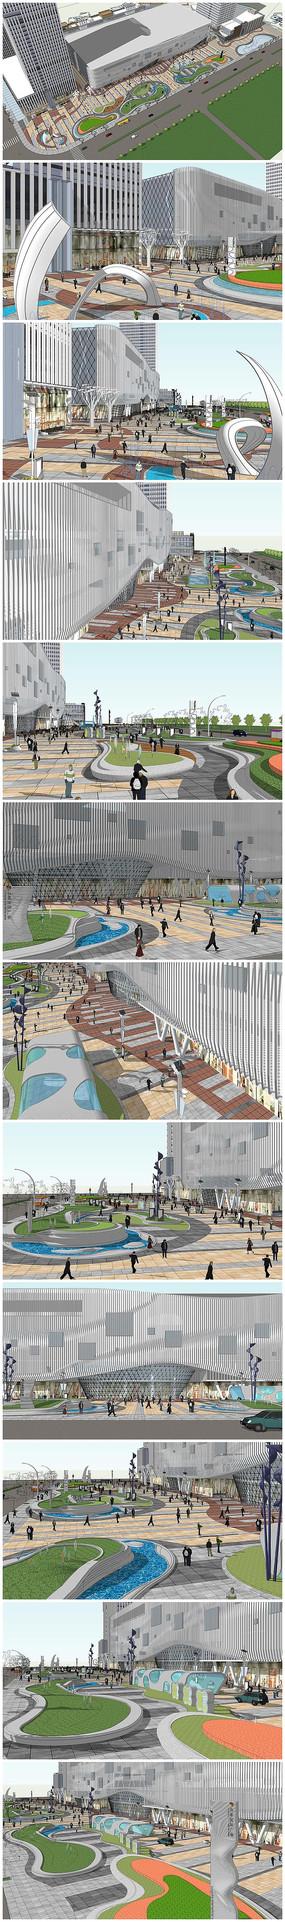 城市商业综合体广场景观小品规划设计模型